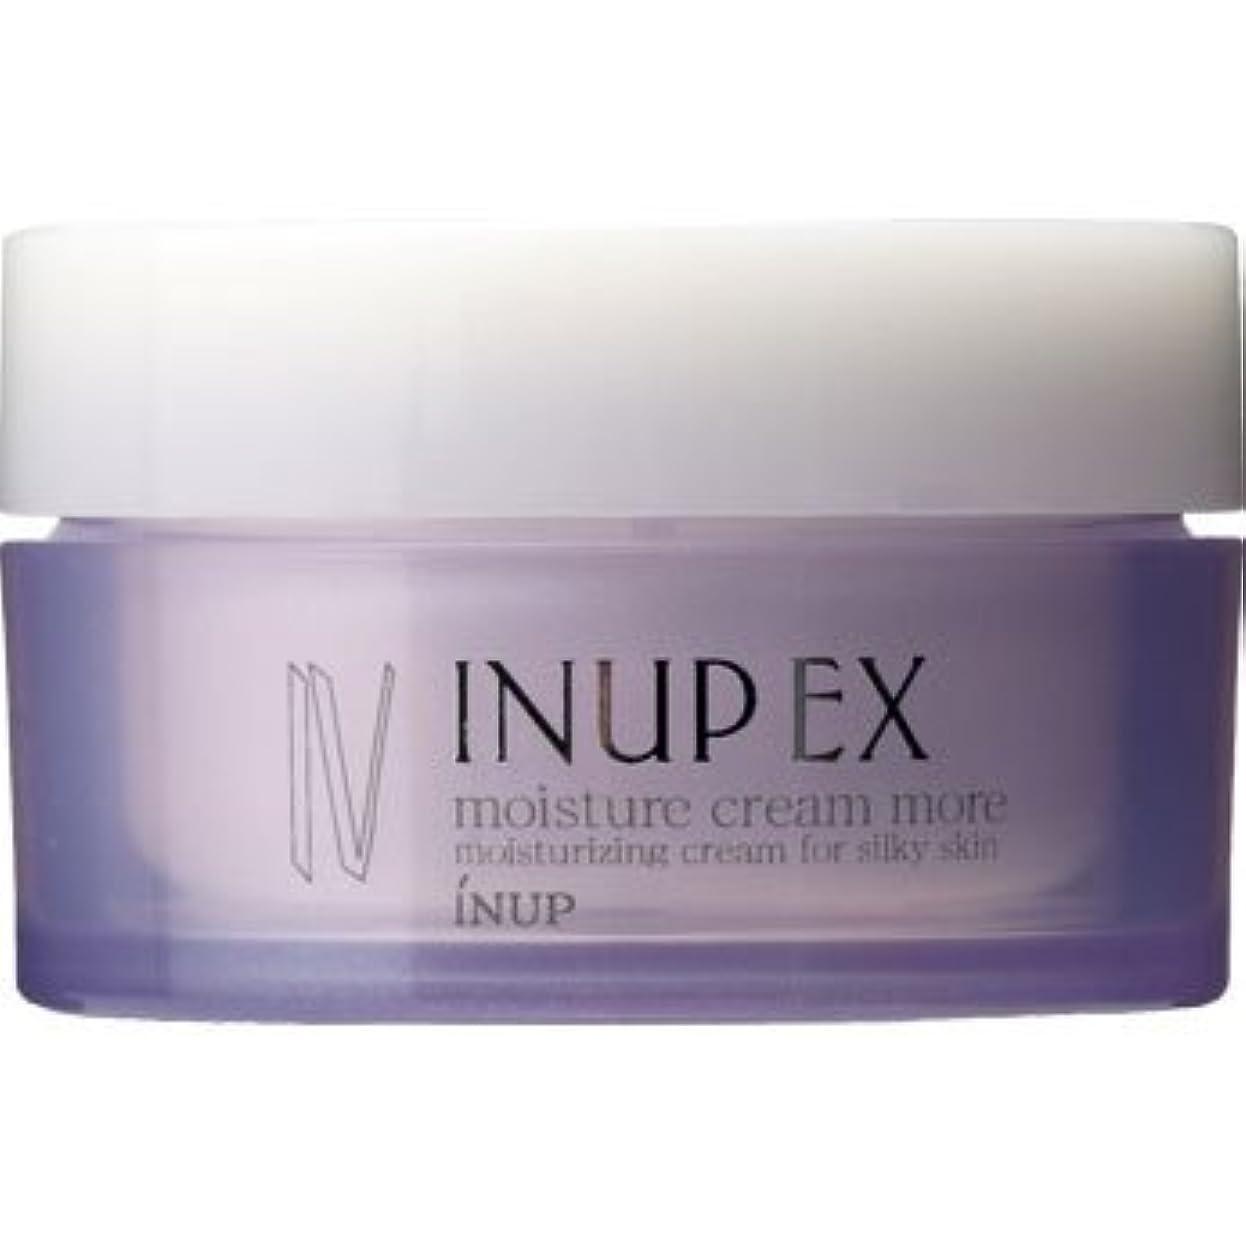 伝導率暖かさ告発者インナップEX 保湿クリーム (潤い効果アップ) モイスチャークリーム MD (スパチュラ付)[弱酸性] 30g